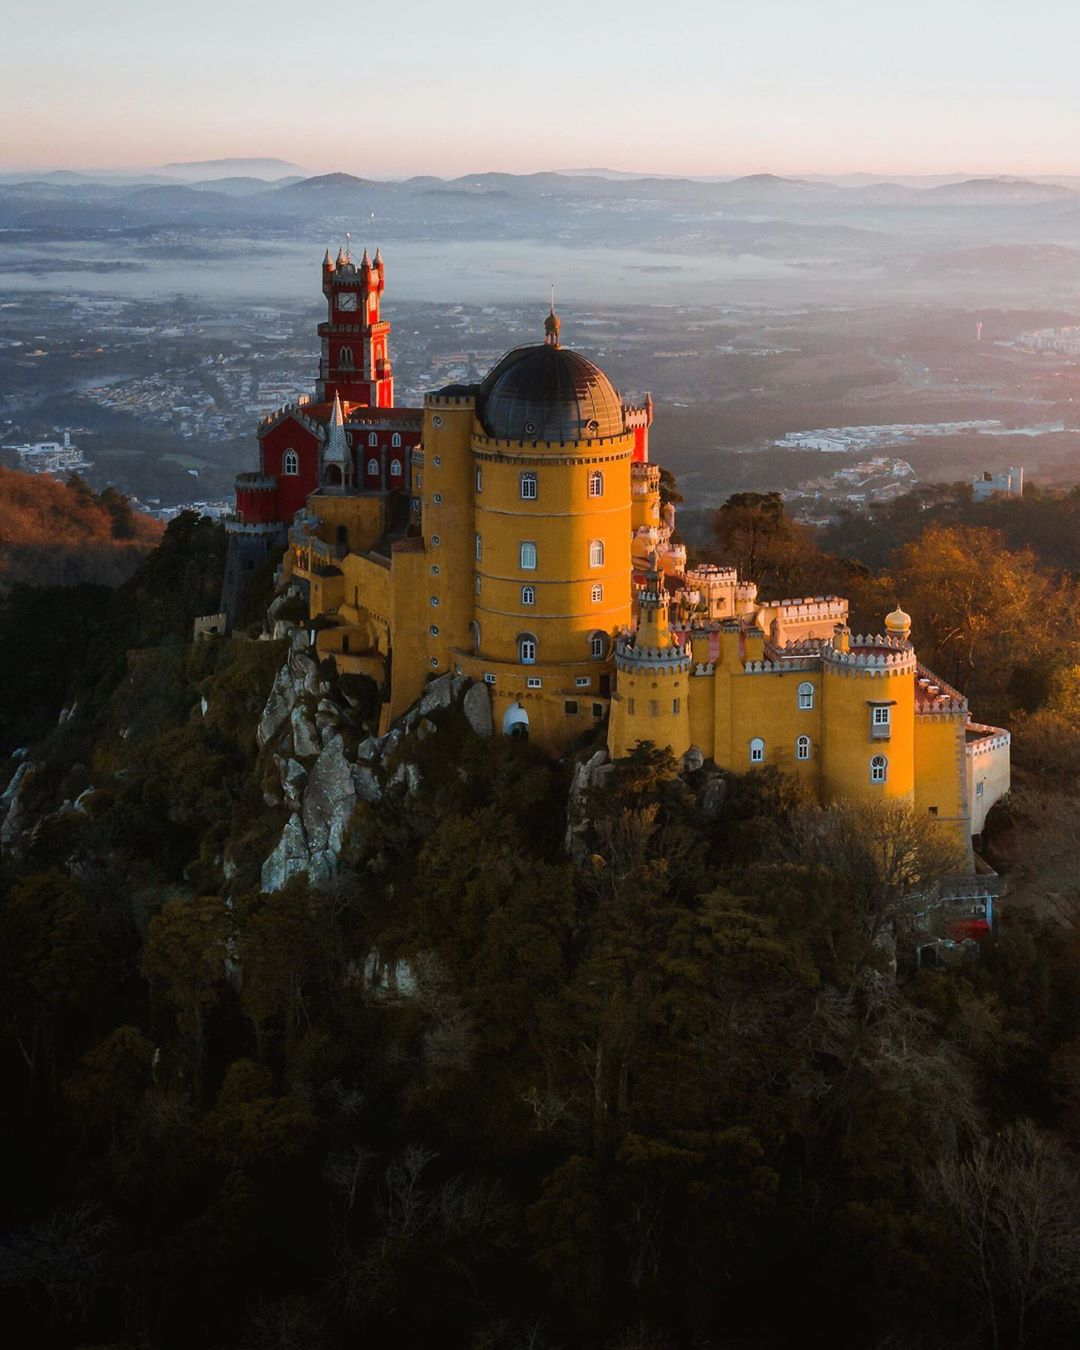 vista aérea do palácio da pena